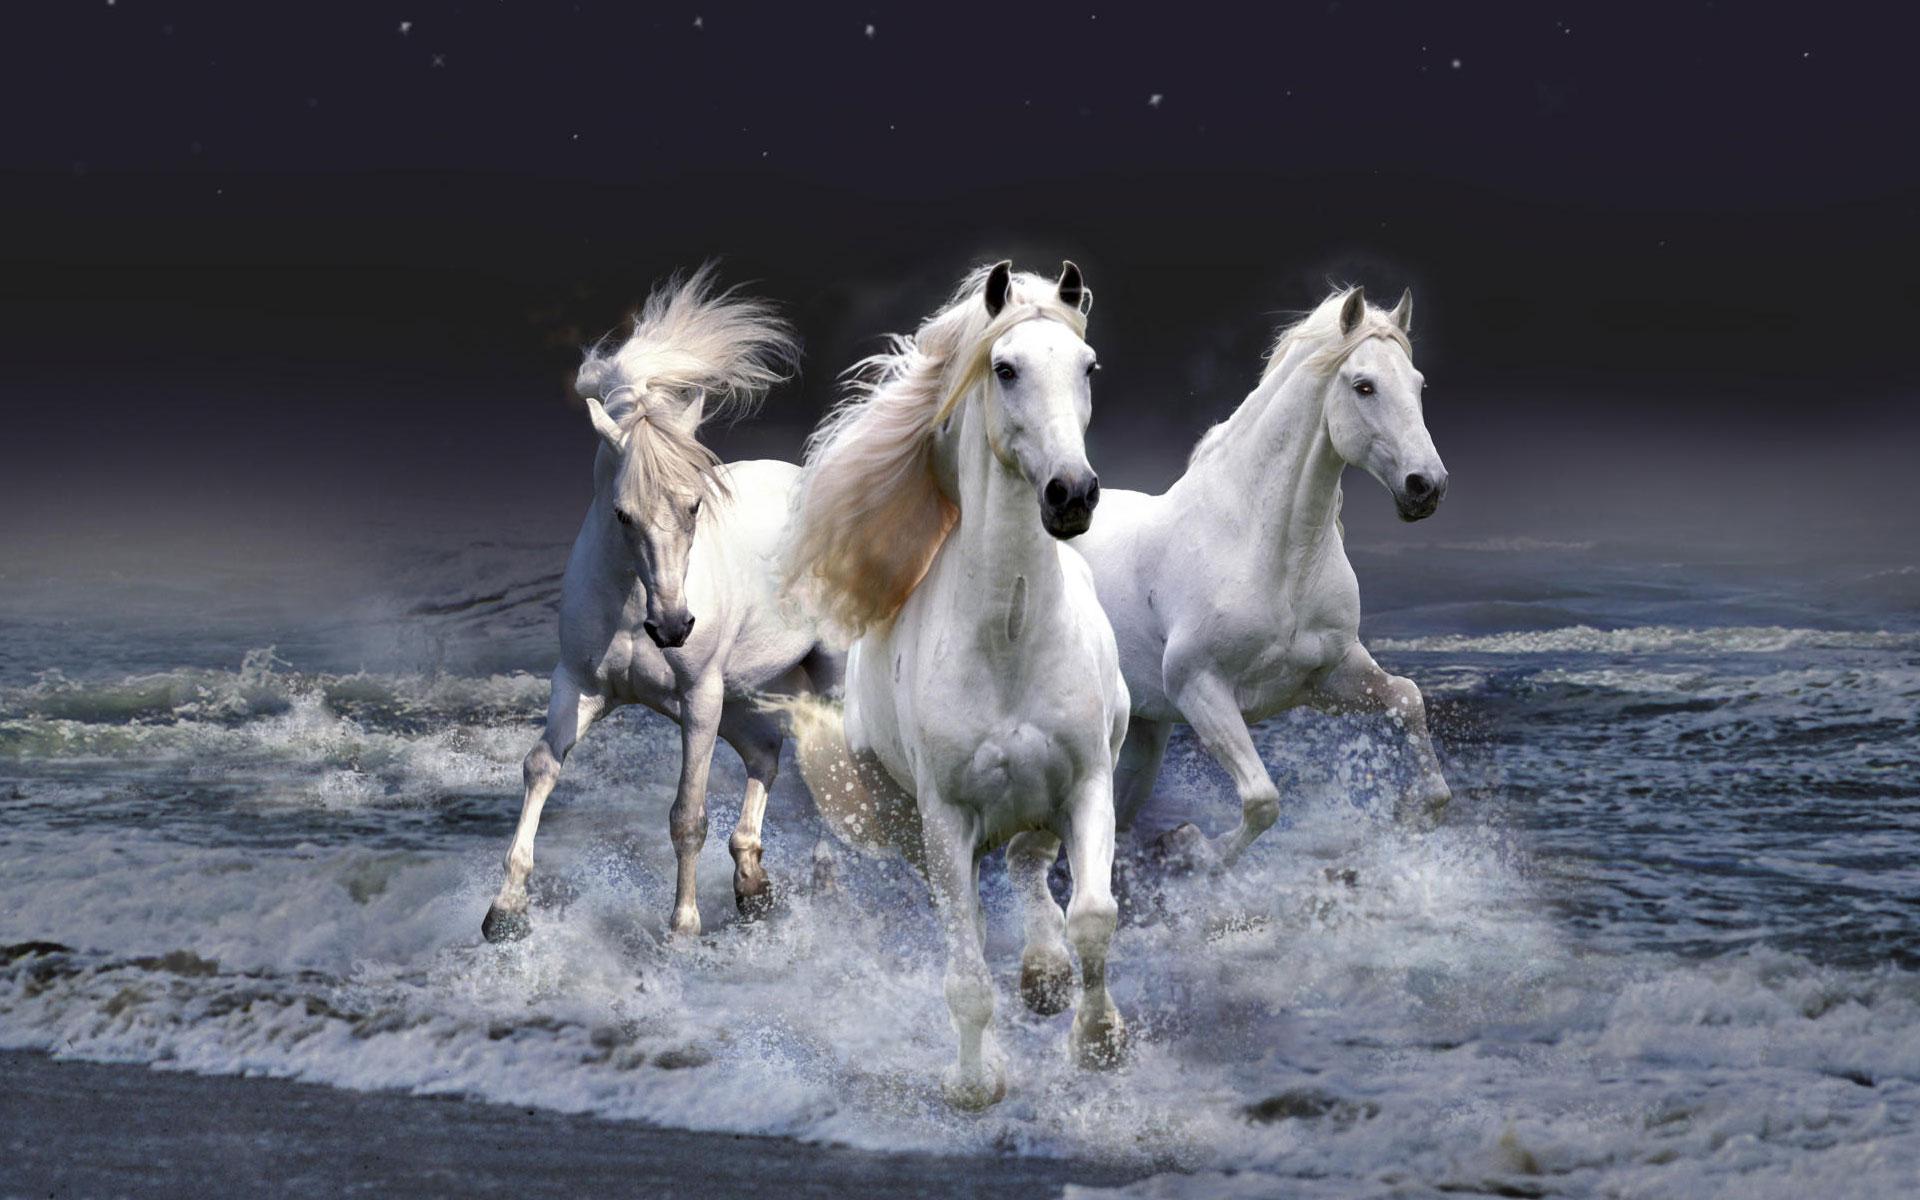 Mystic Horses Hd Wallpaper